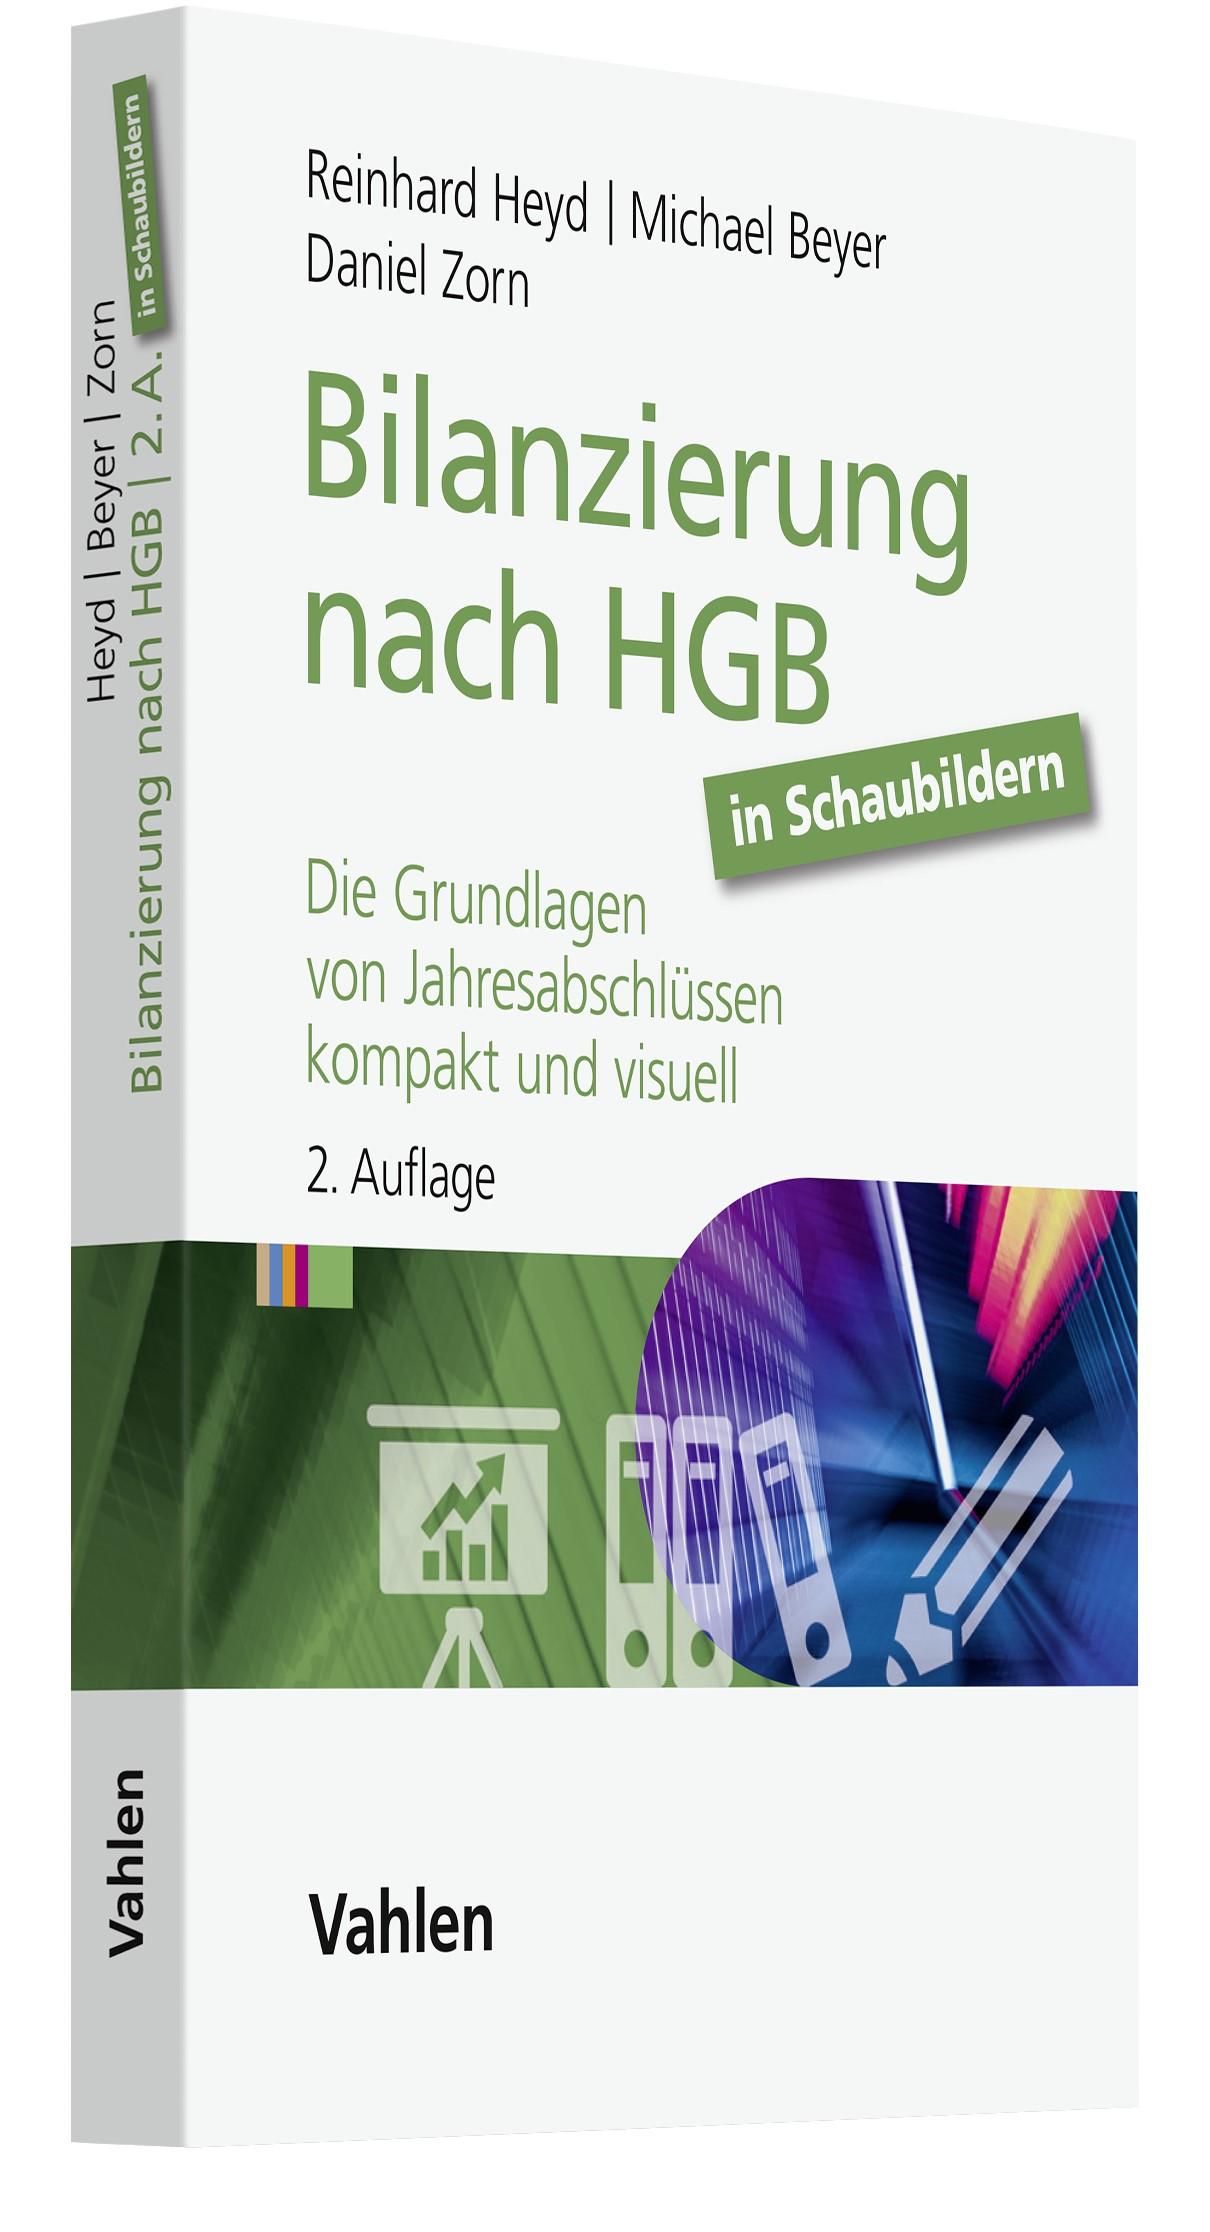 Abbildung von Heyd / Beyer / Zorn | Bilanzierung nach HGB in Schaubildern | 2. Auflage | 2019